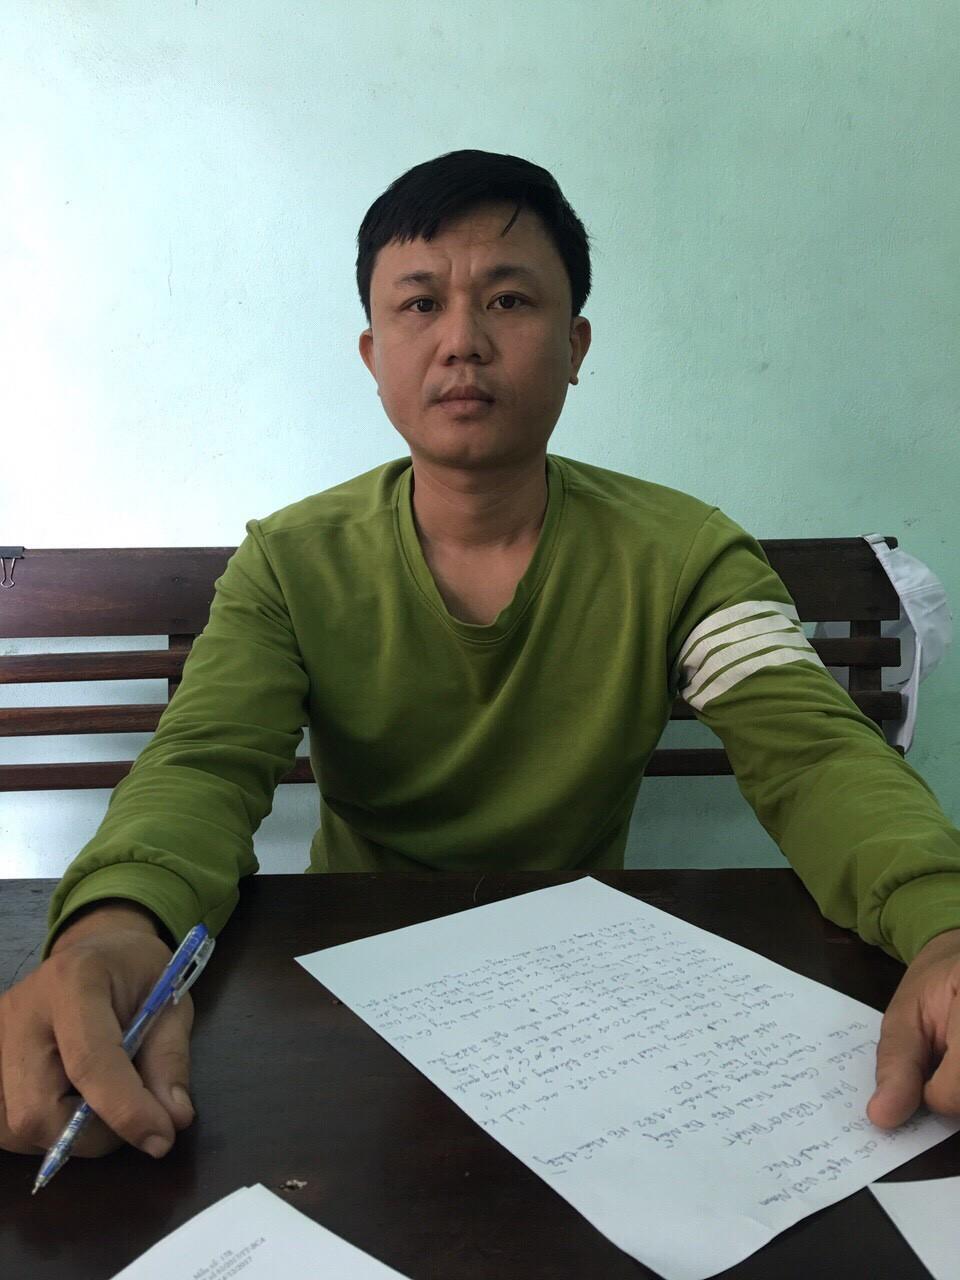 Đối tượng xăm trổ đập phá xe buýt, đe dọa hành khách ở Đà Nẵng bị nghiện ma tuý - Ảnh 1.